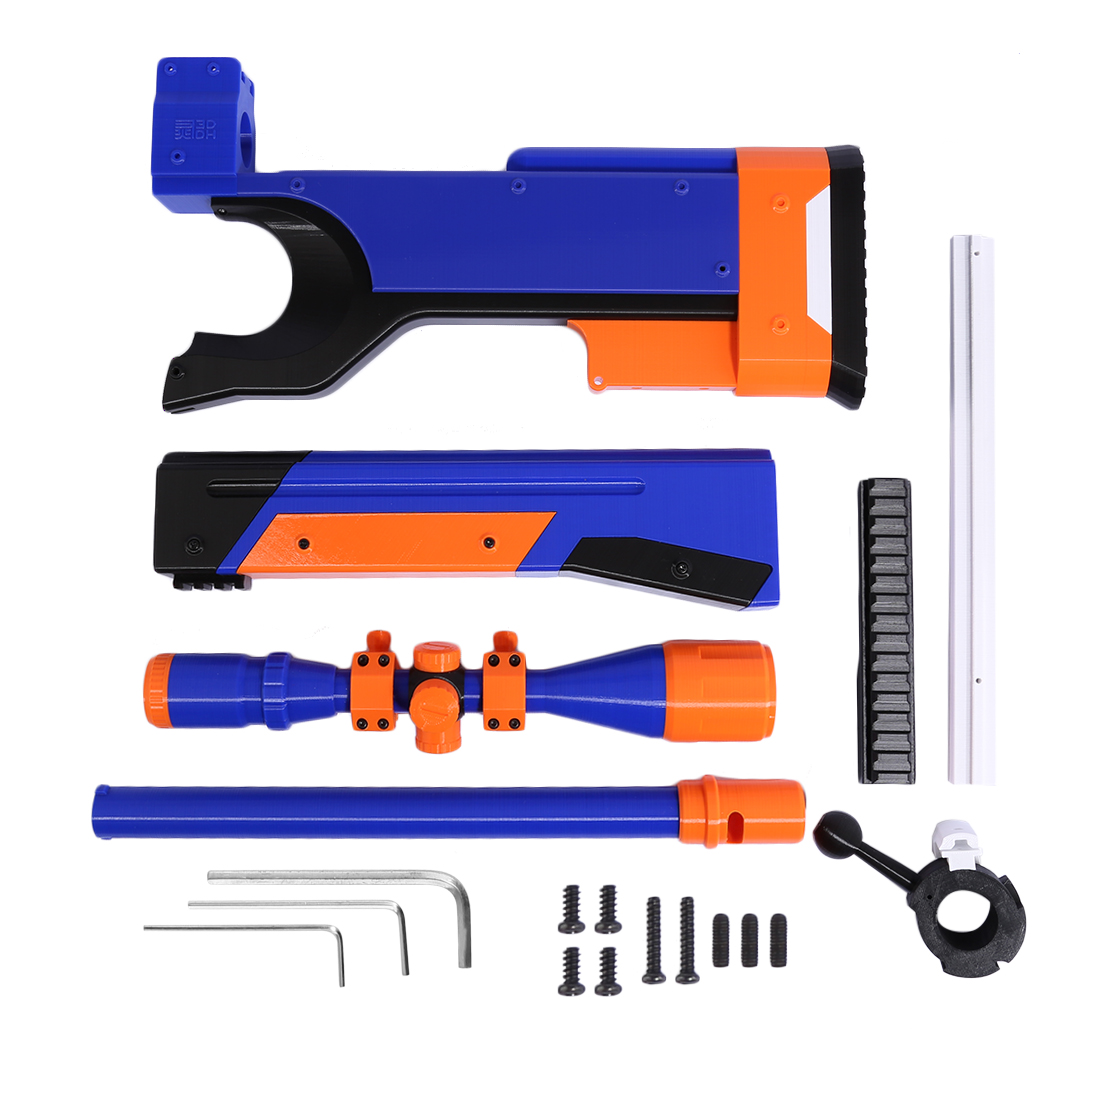 Kit de Modification d'apparence d'impression 3D pistolet jouet enfant tactique pour Nerf rétorsion blaster accessoires composant-bleu